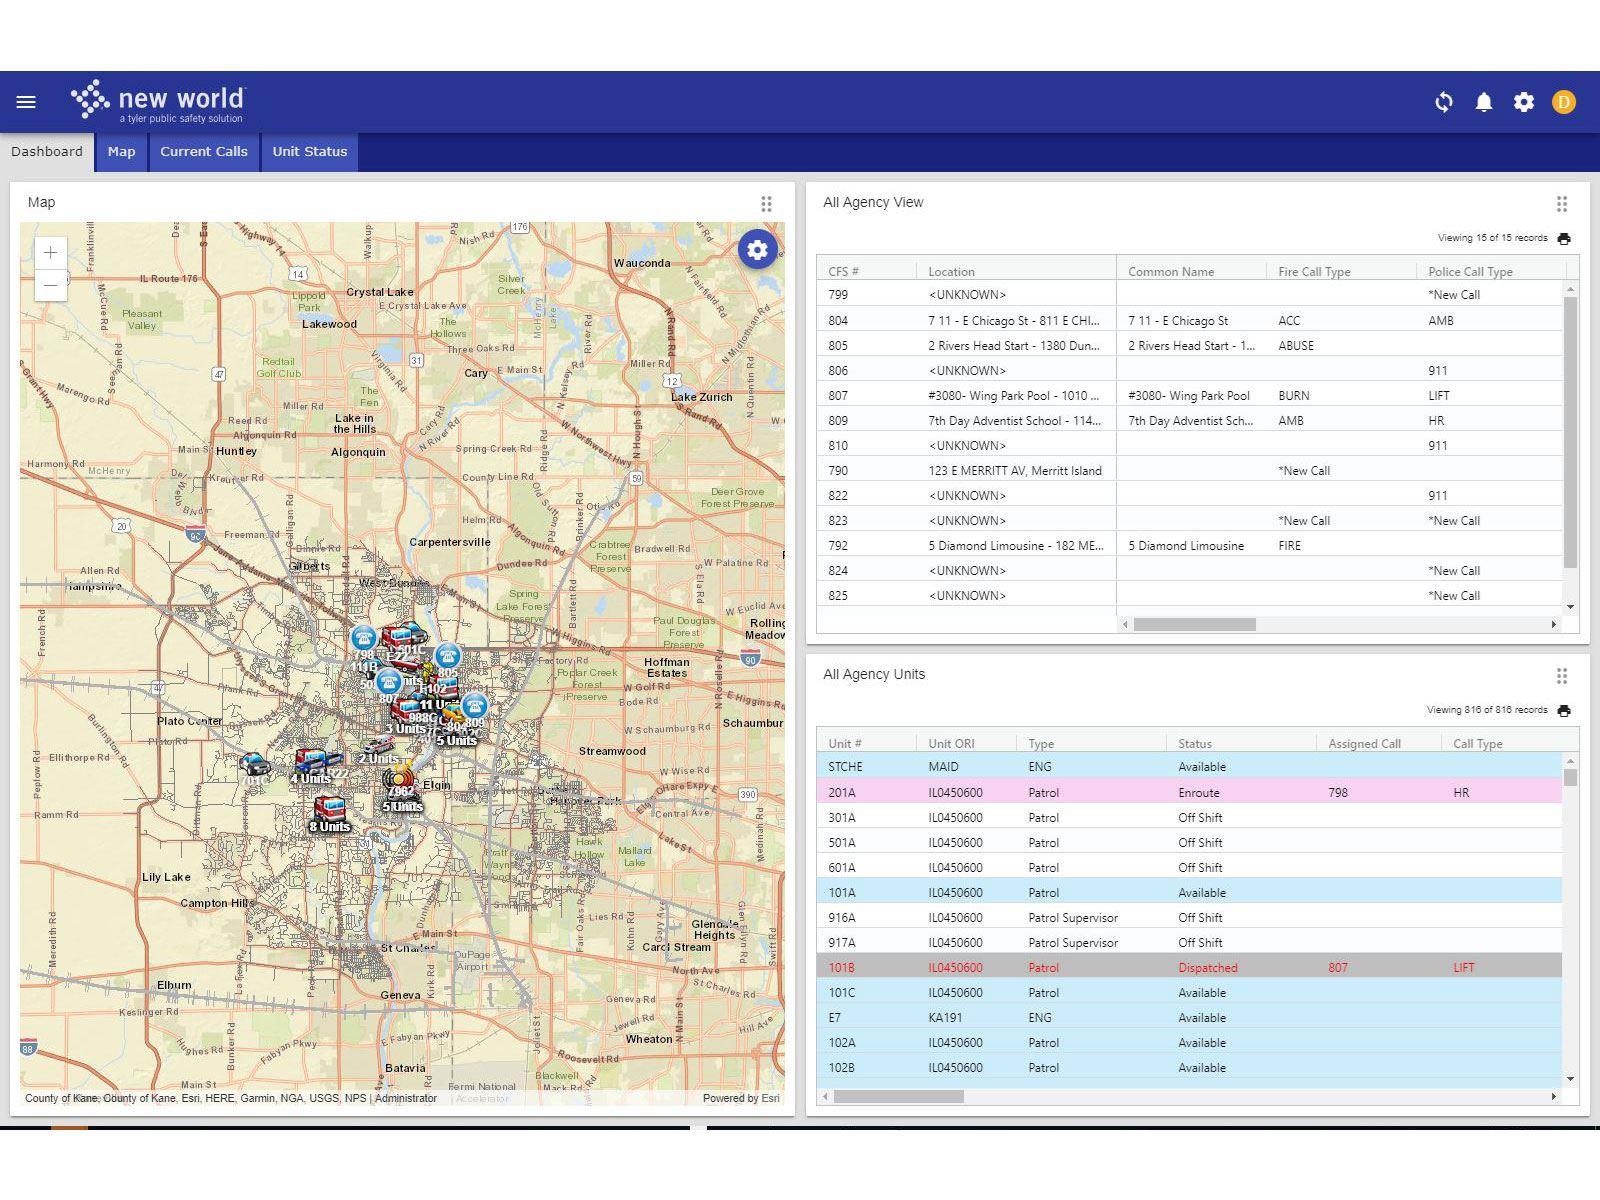 New World Enterprise 911 Dispatch Software | Tyler Technologies